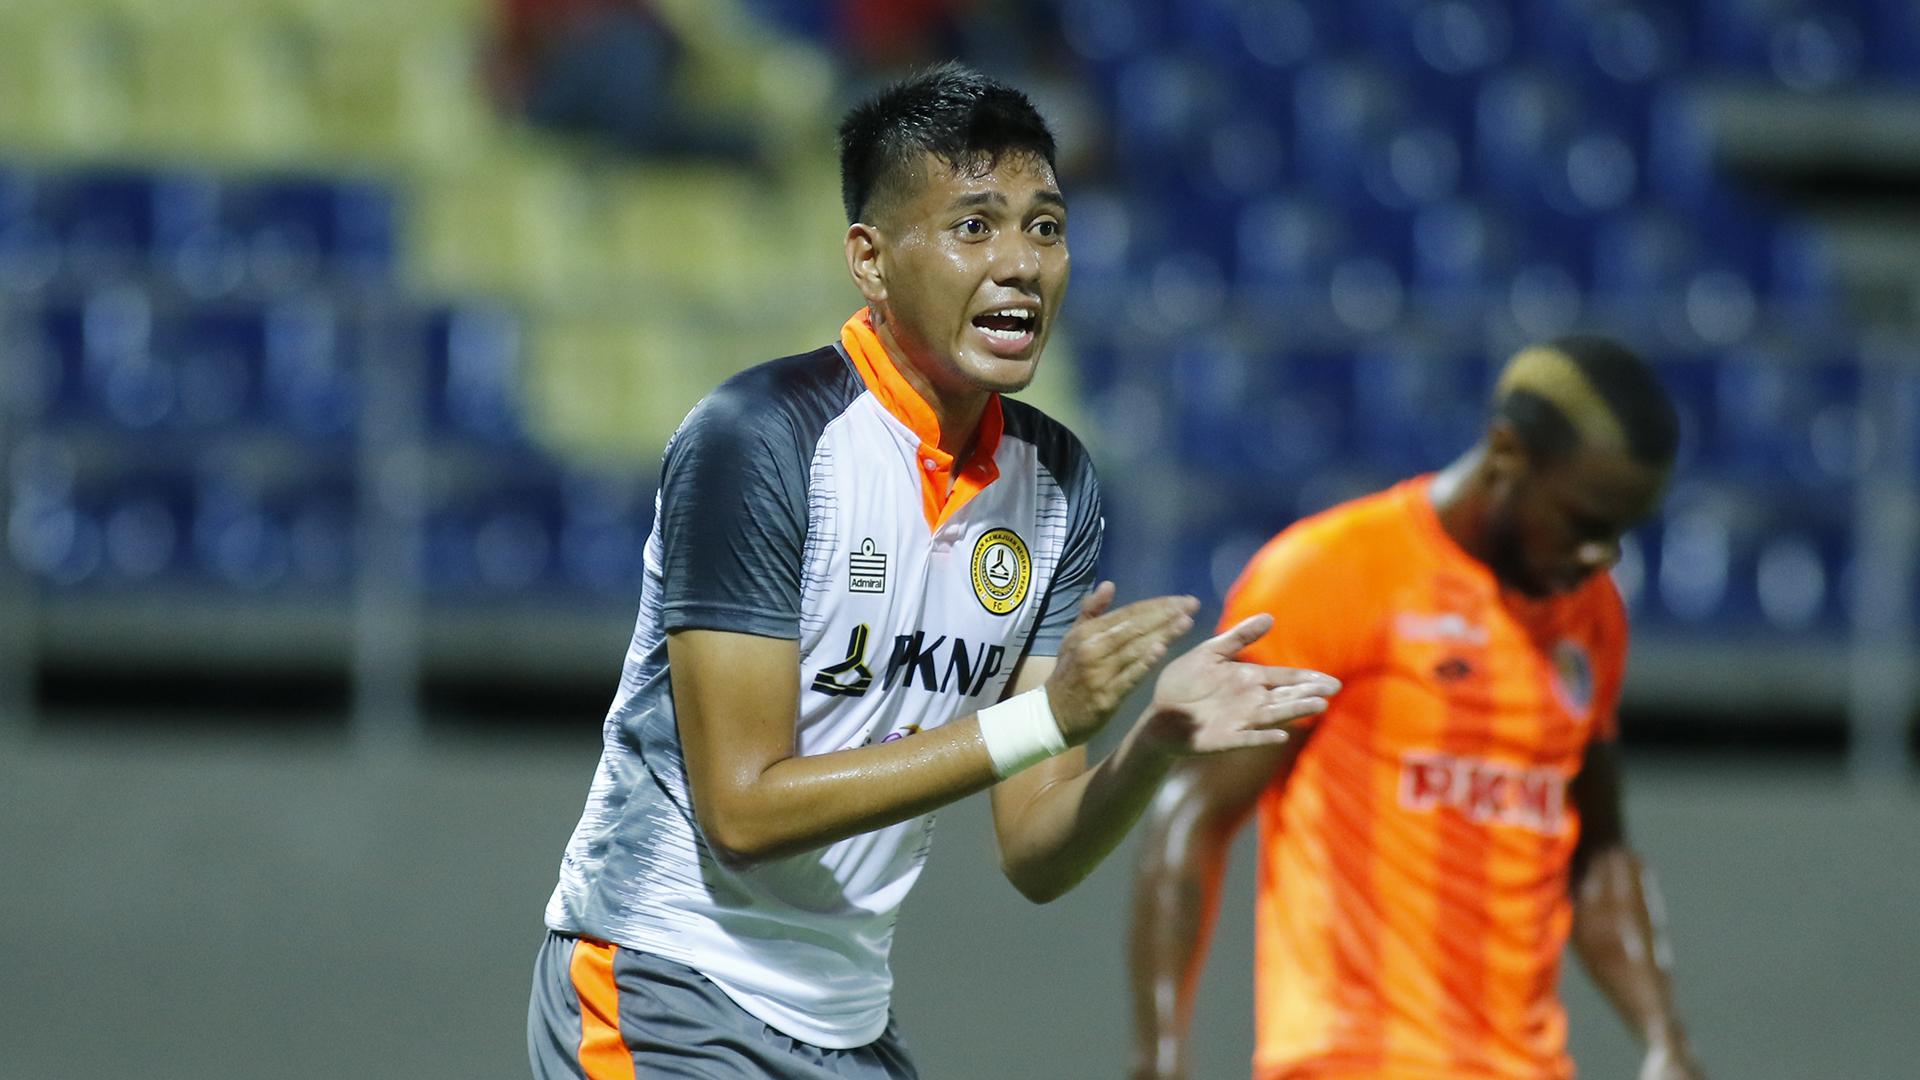 Syazwan Zaipol, PKNP FC v PKNS FC, Malaysia Super League, 25 Jun 2019